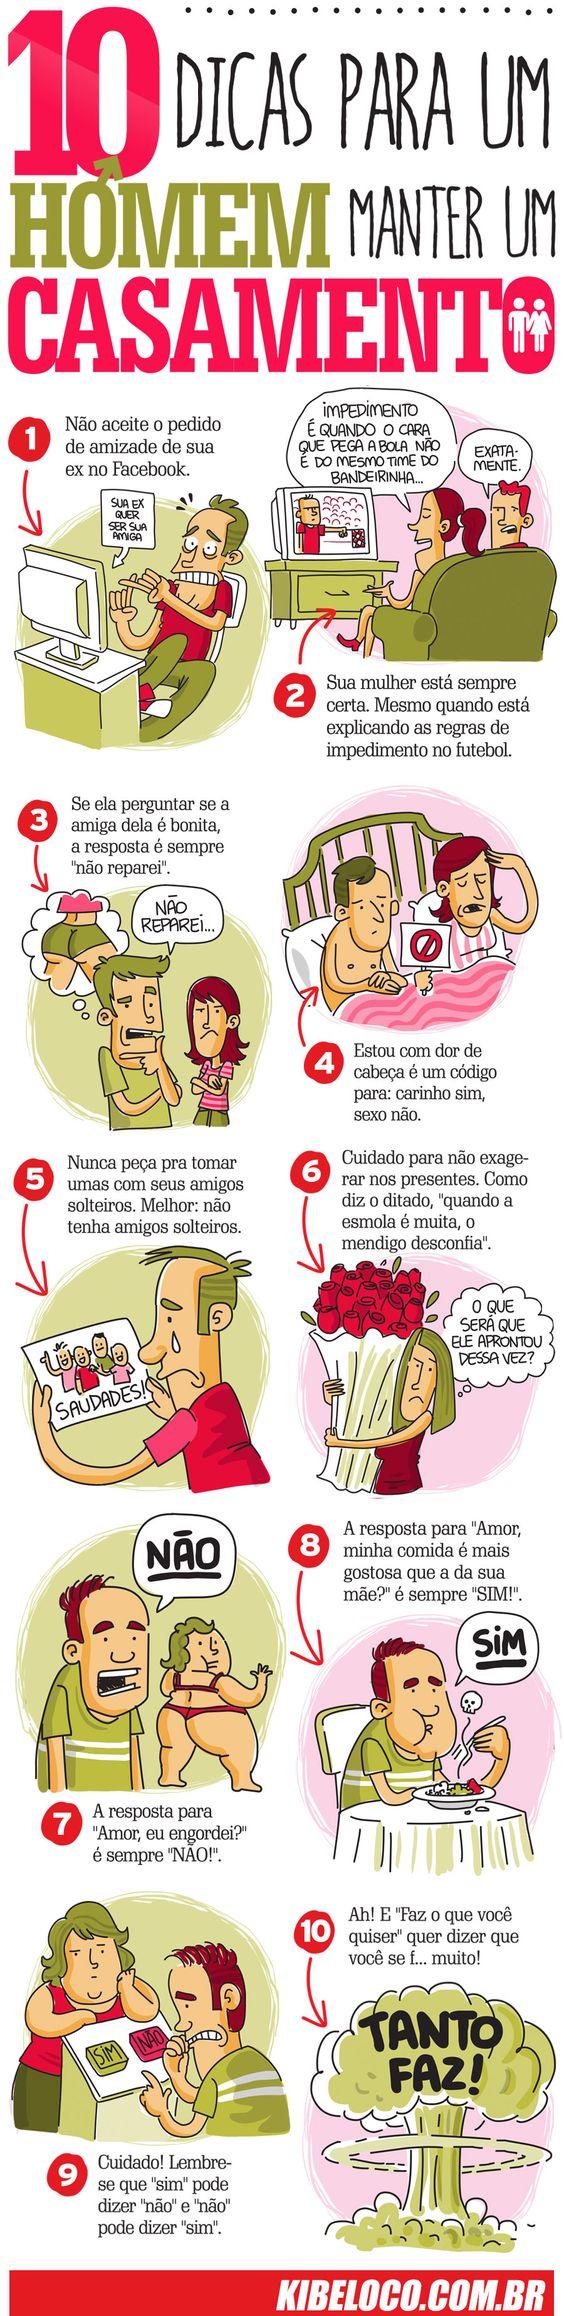 Top Kibe Loco - maneiras para um homem manter seu casamento.: